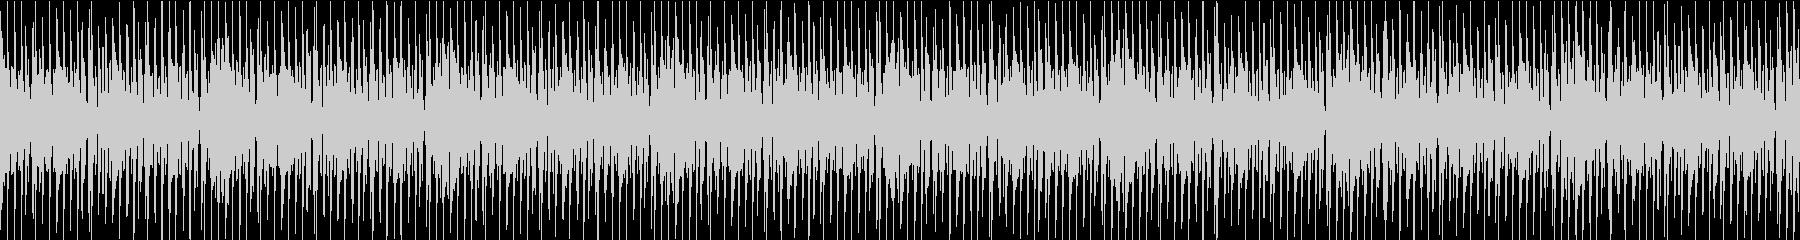 ロックでワイルドなリズムの未再生の波形